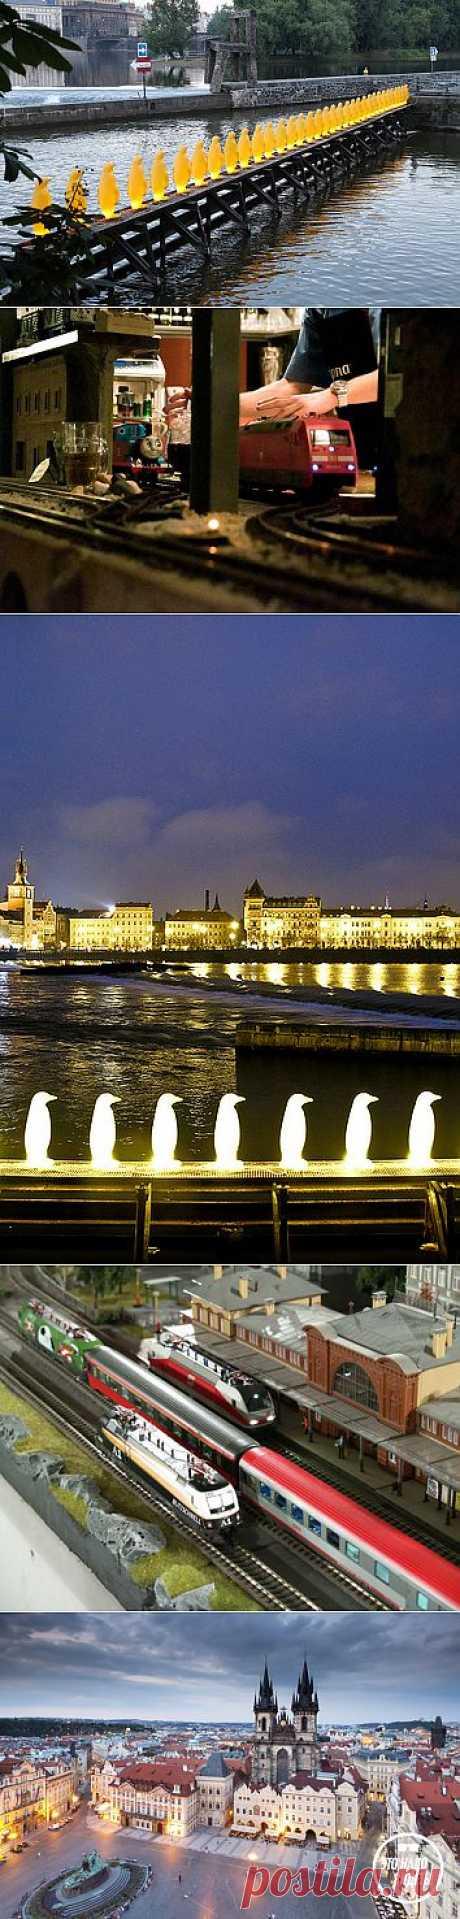 Это надо видеть: секретные места Праги, которые вы не найдете в типичном путеводителе | Очкарик